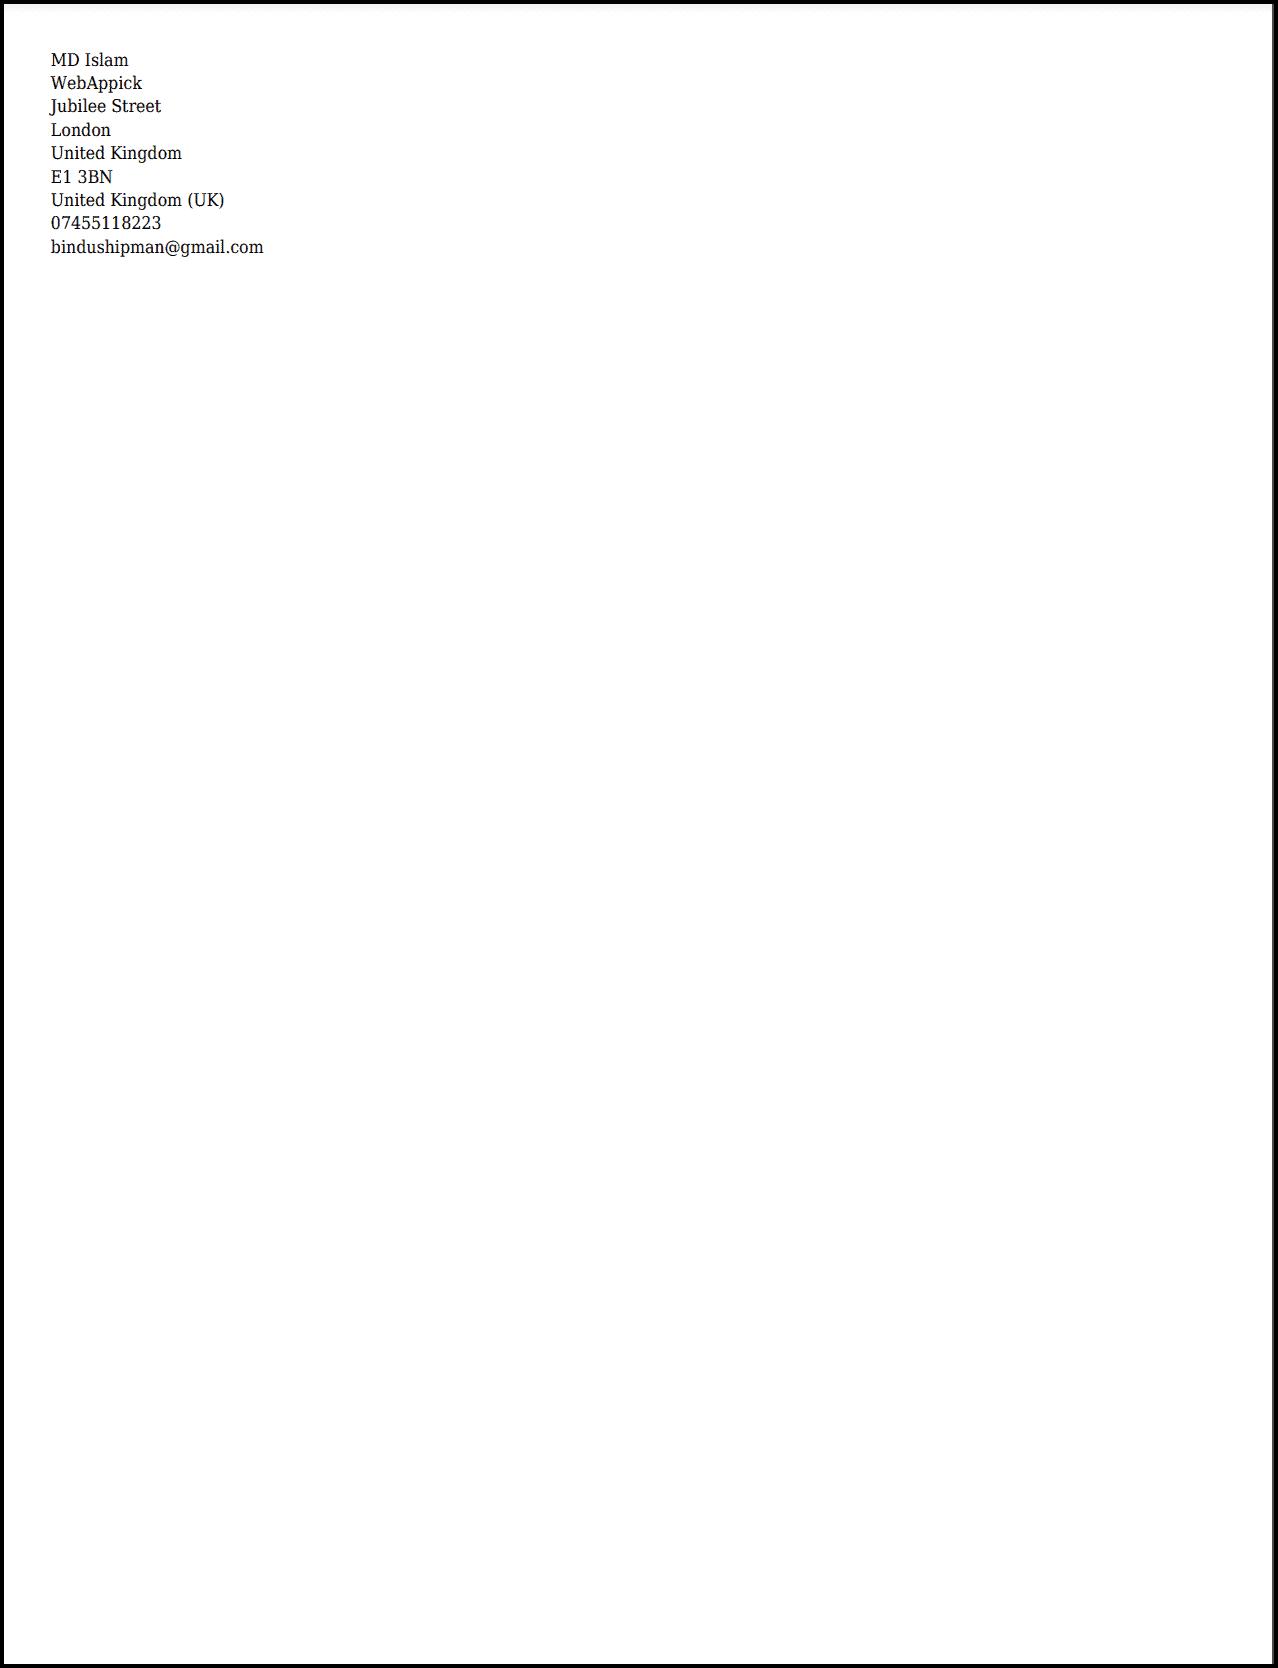 Challan PDF Shipping Label